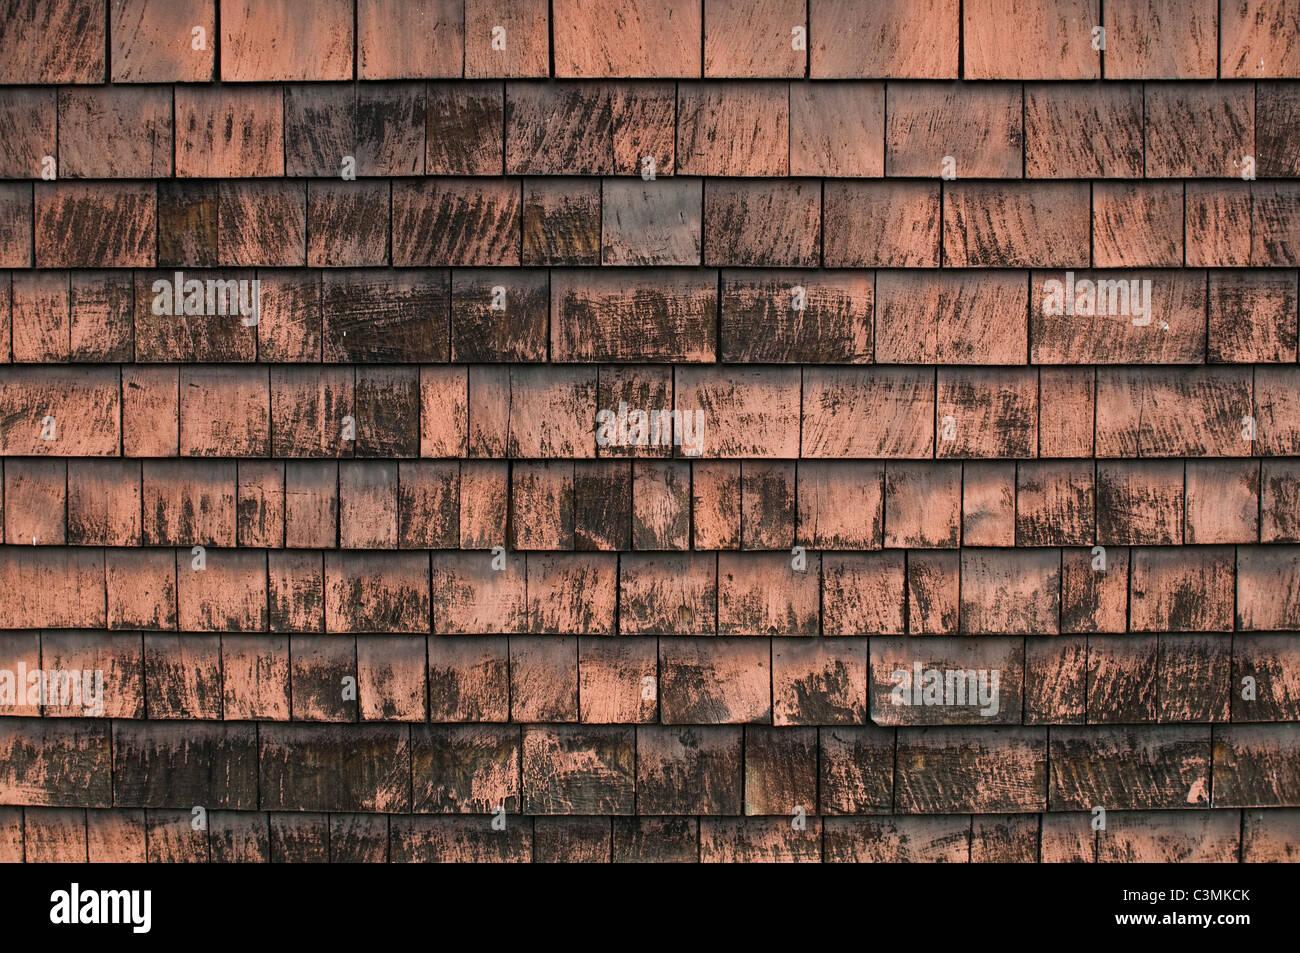 Shabby shingle siding in need of renovation. - Stock Image